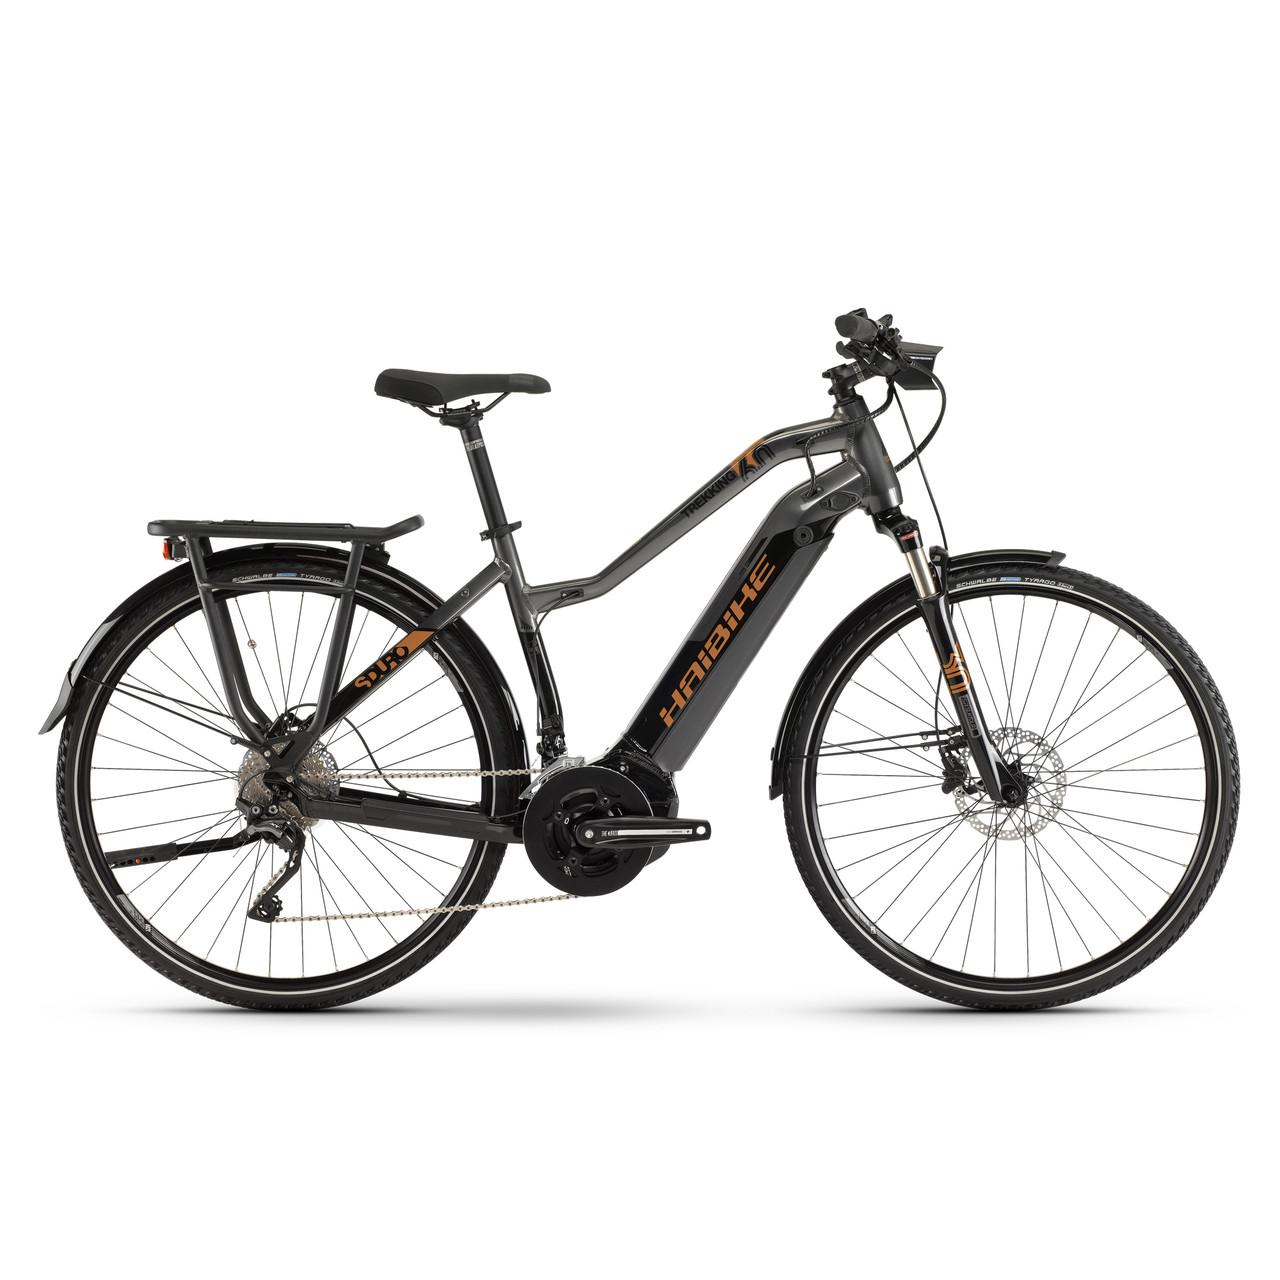 """Электровелосипед Haibike SDURO Trekking 6.0 Lady i500Wh 28"""", рама S, черно-титаново-бронзовый, 2019"""